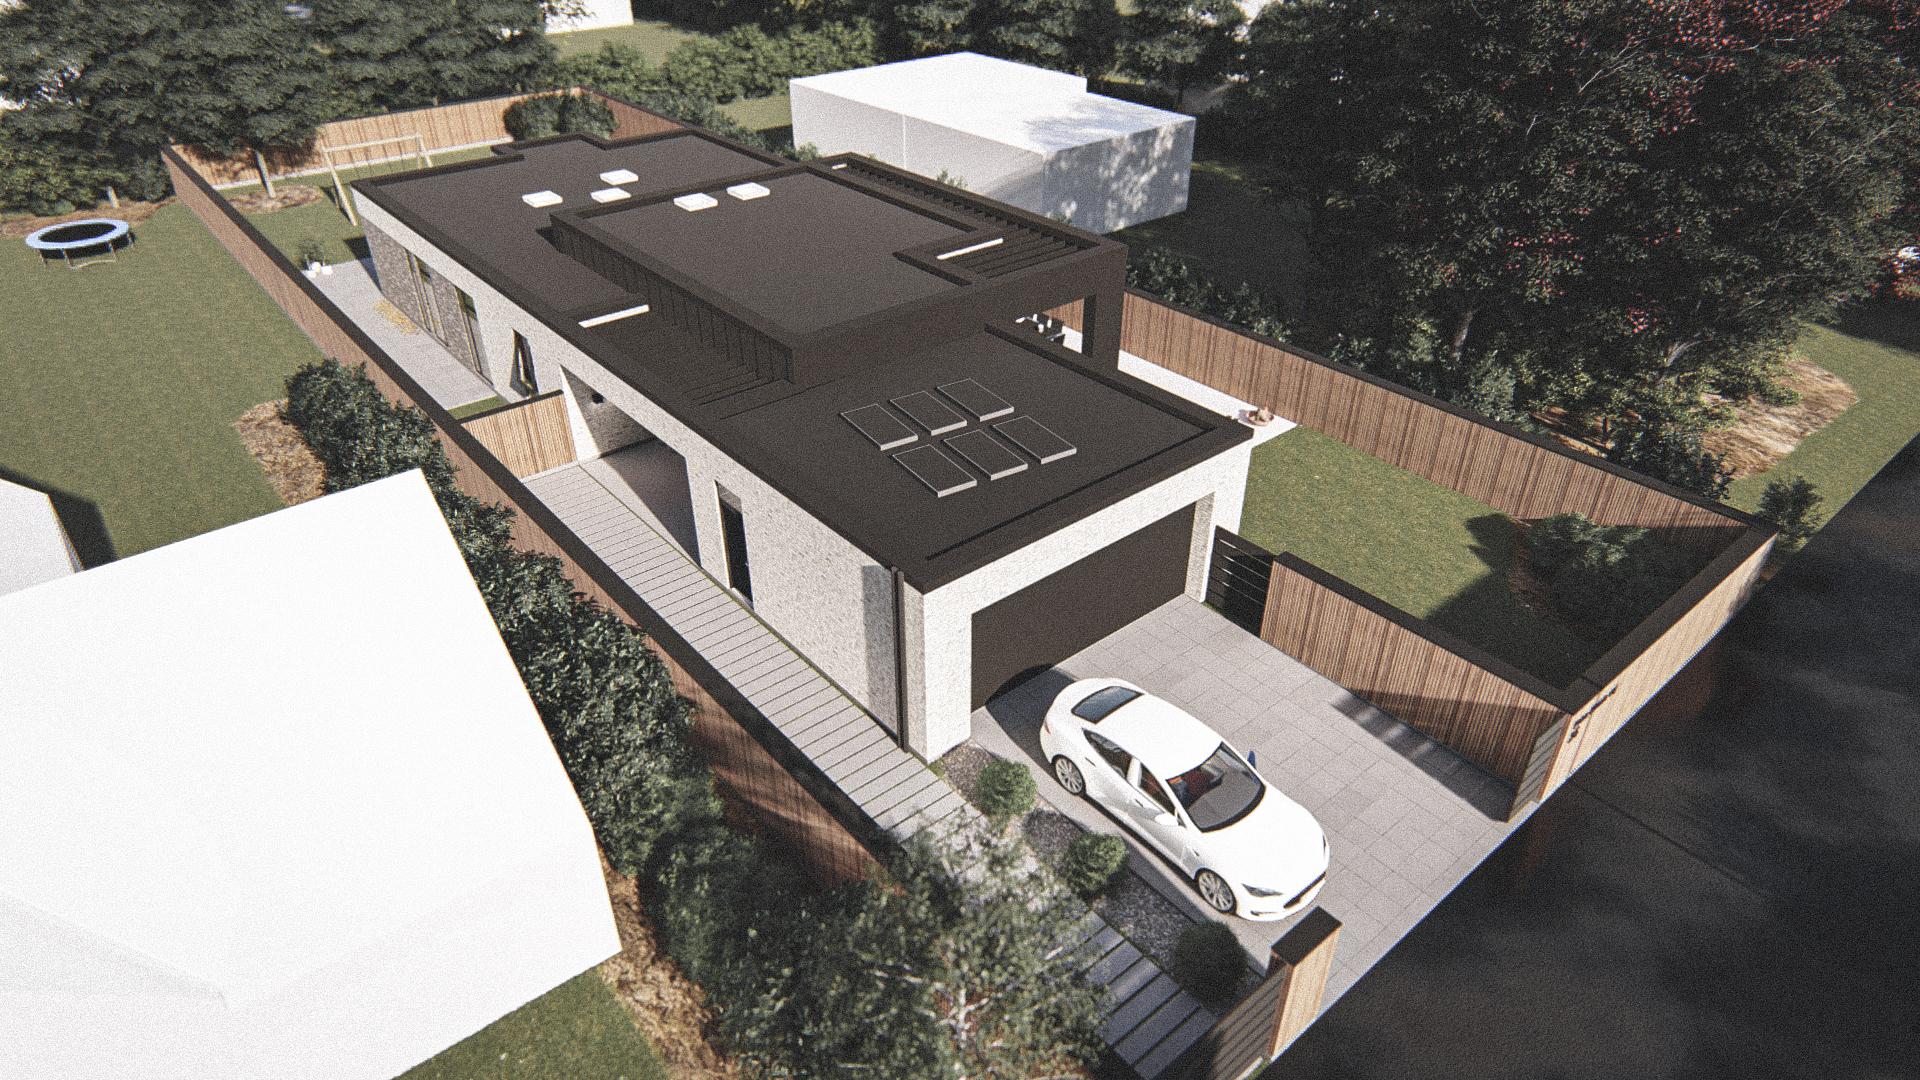 Billede af Dansk arkitekttegnet 1 plan villa af arkitektfirmaet m2plus, i Risskov på 218 kvartratmeter.